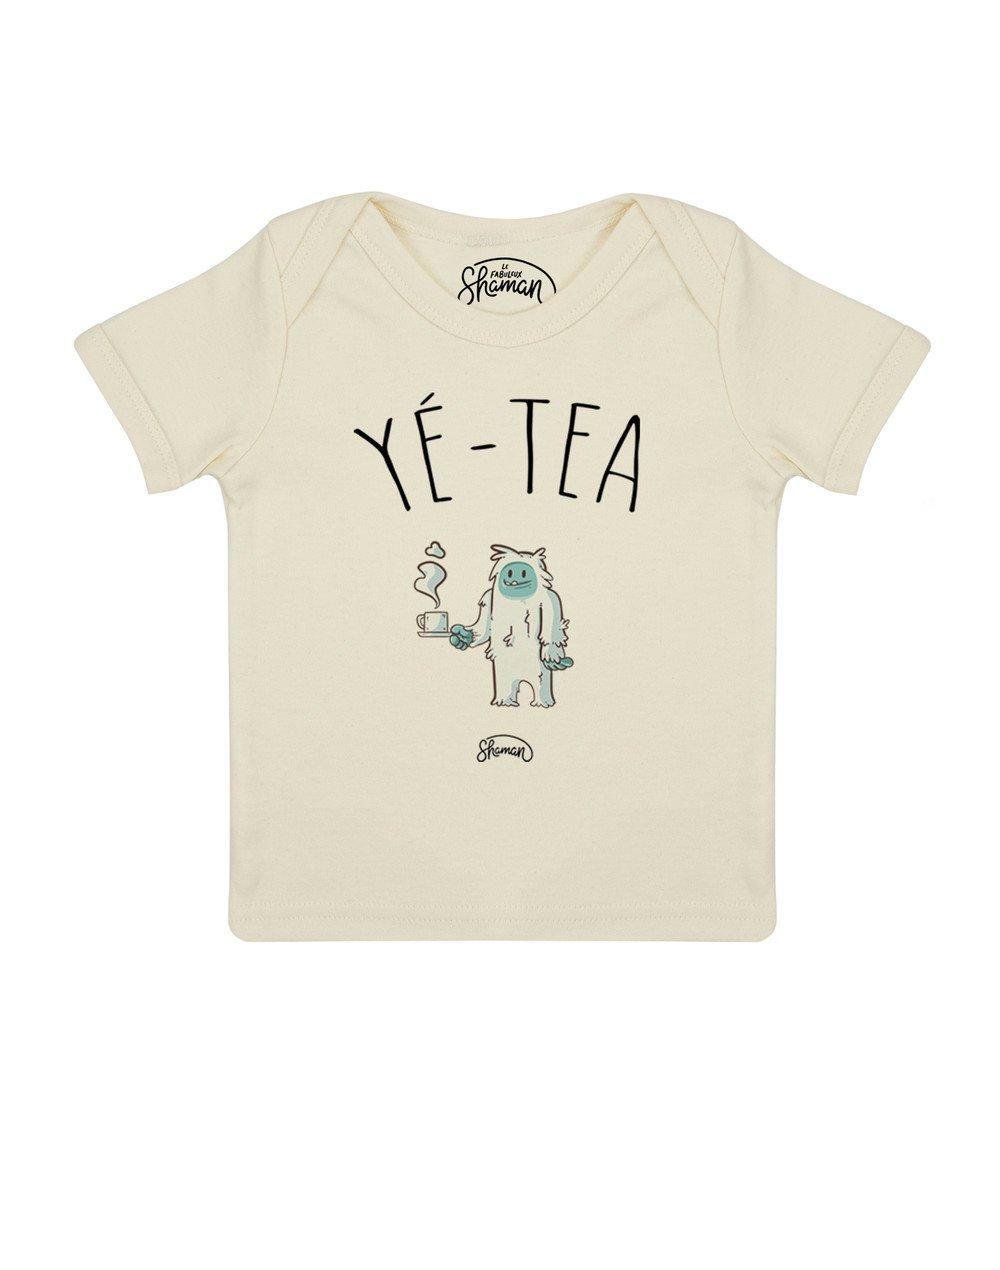 Tee shirt Yé-tea